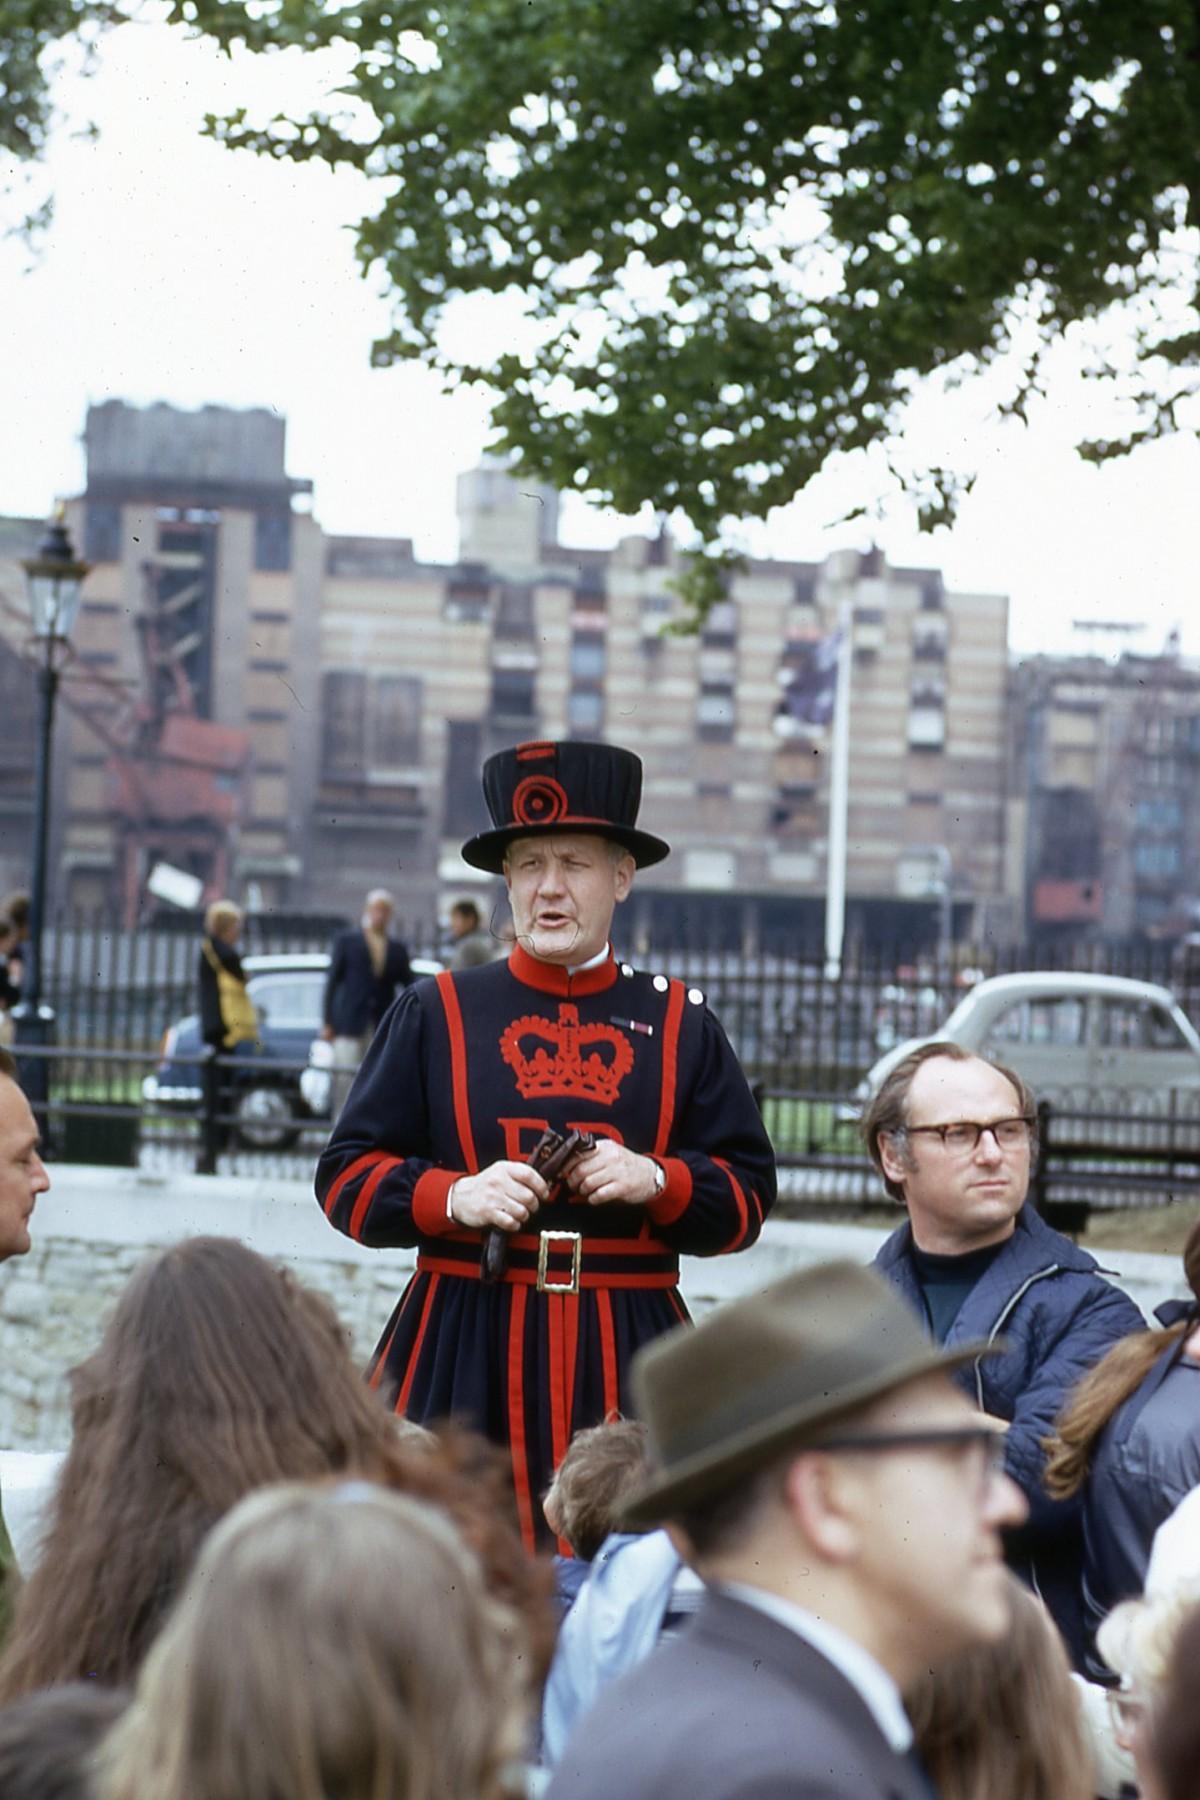 произошло лица лондонцев фото поколению коваленко